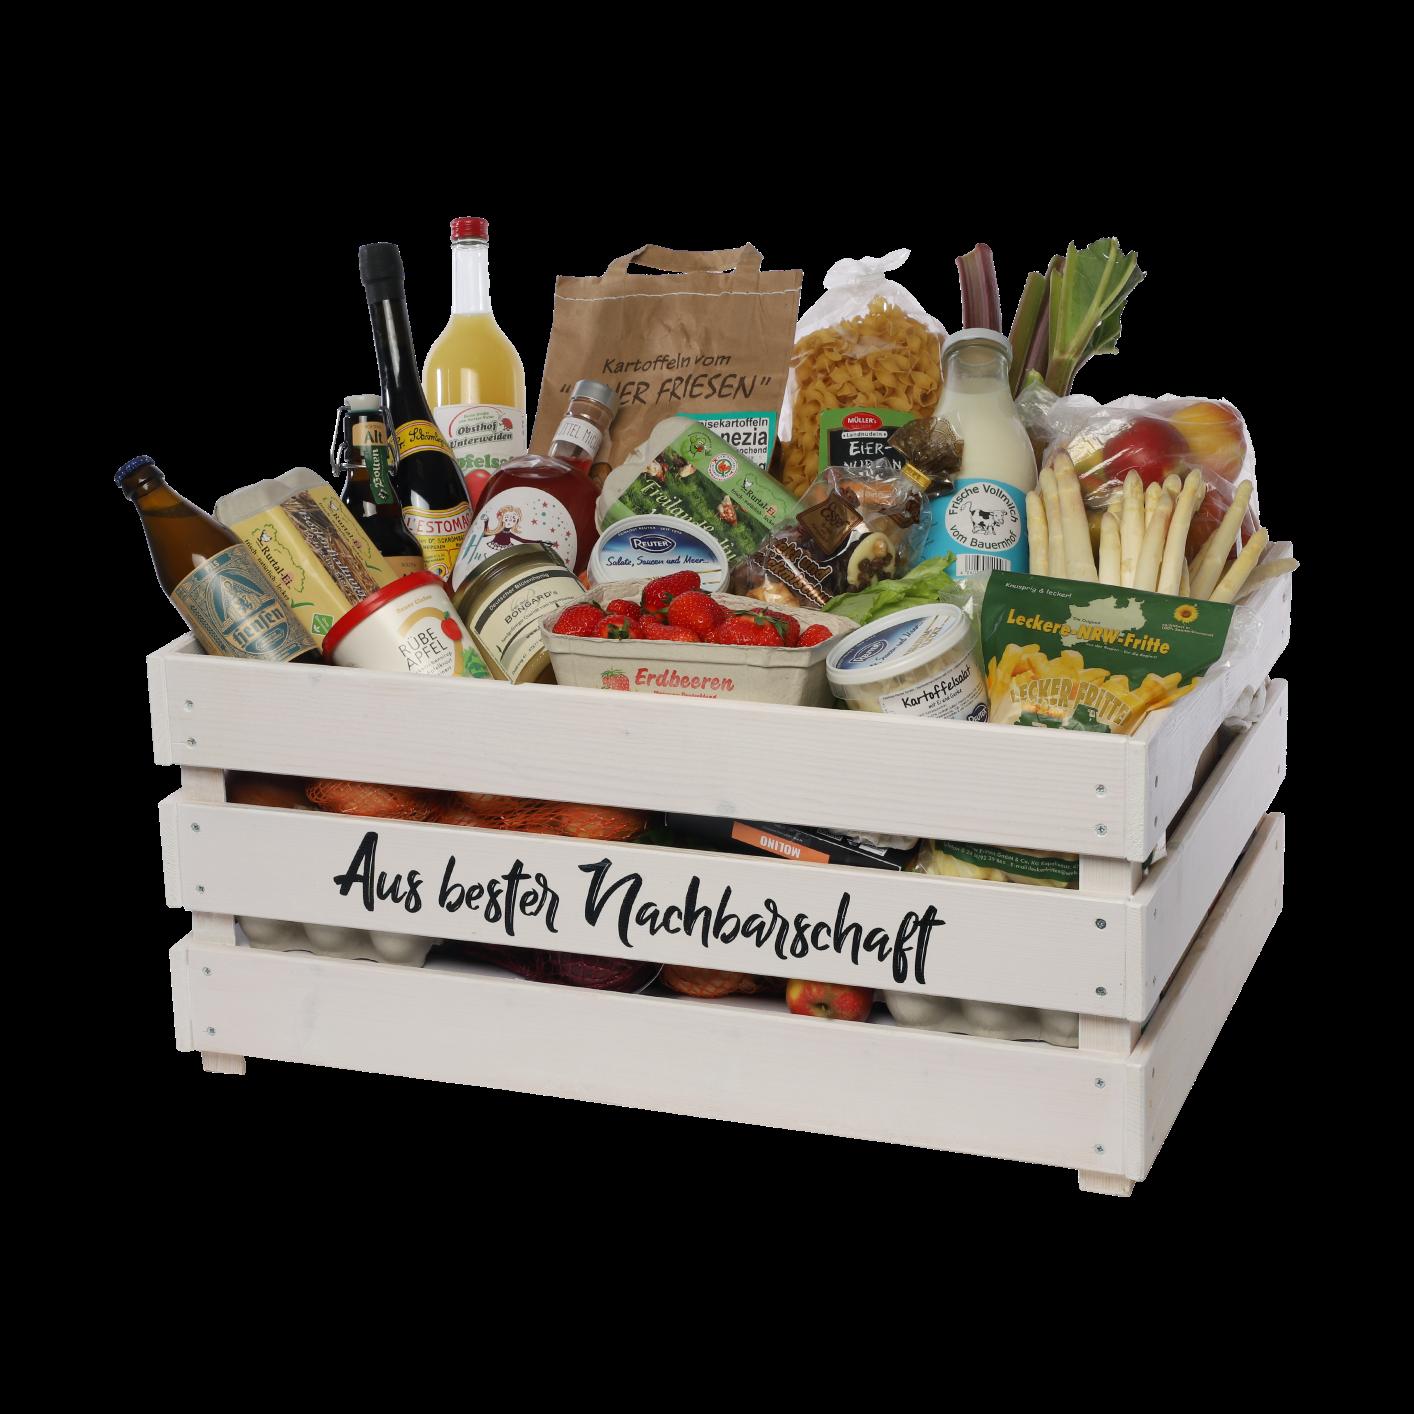 Kiste mit Produkten aus bester Nachbarschaft